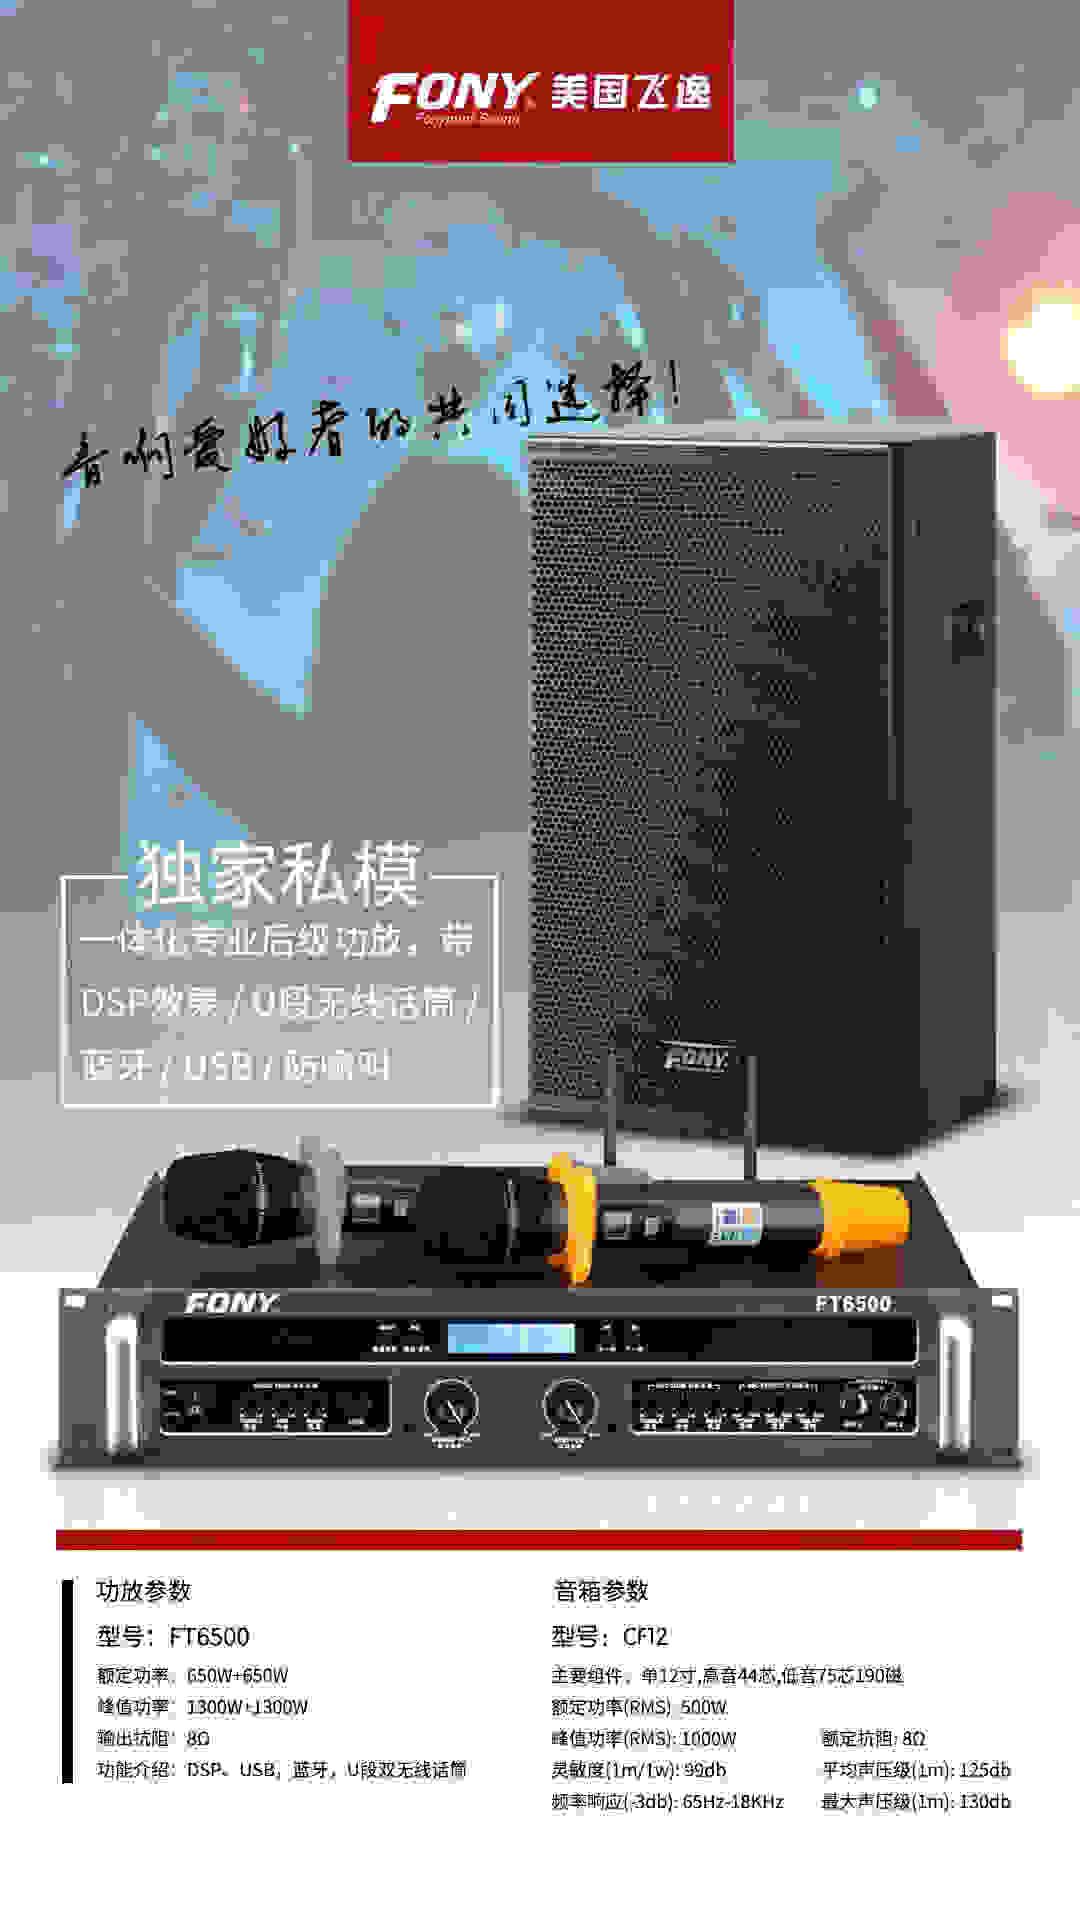 FT6500 CF12.jpg